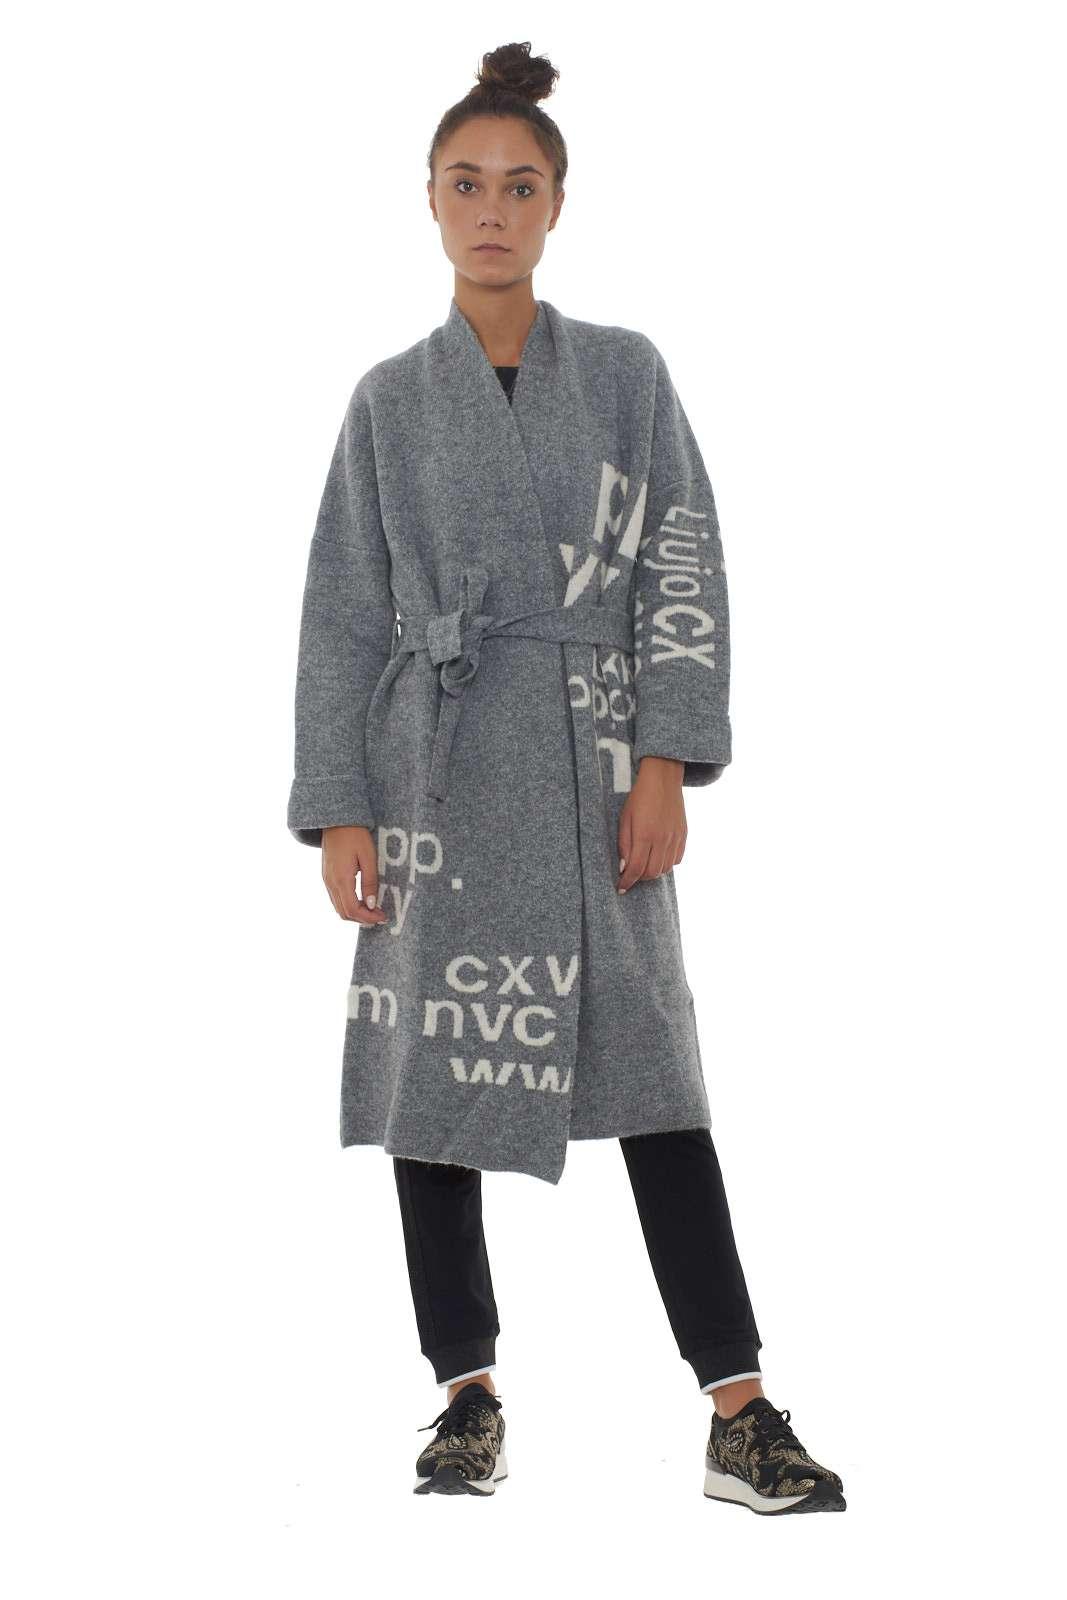 https://www.parmax.com/media/catalog/product/a/i/AI-outlet_parmax-cardigan-donna-Liu-Jo-T69184-A.jpg